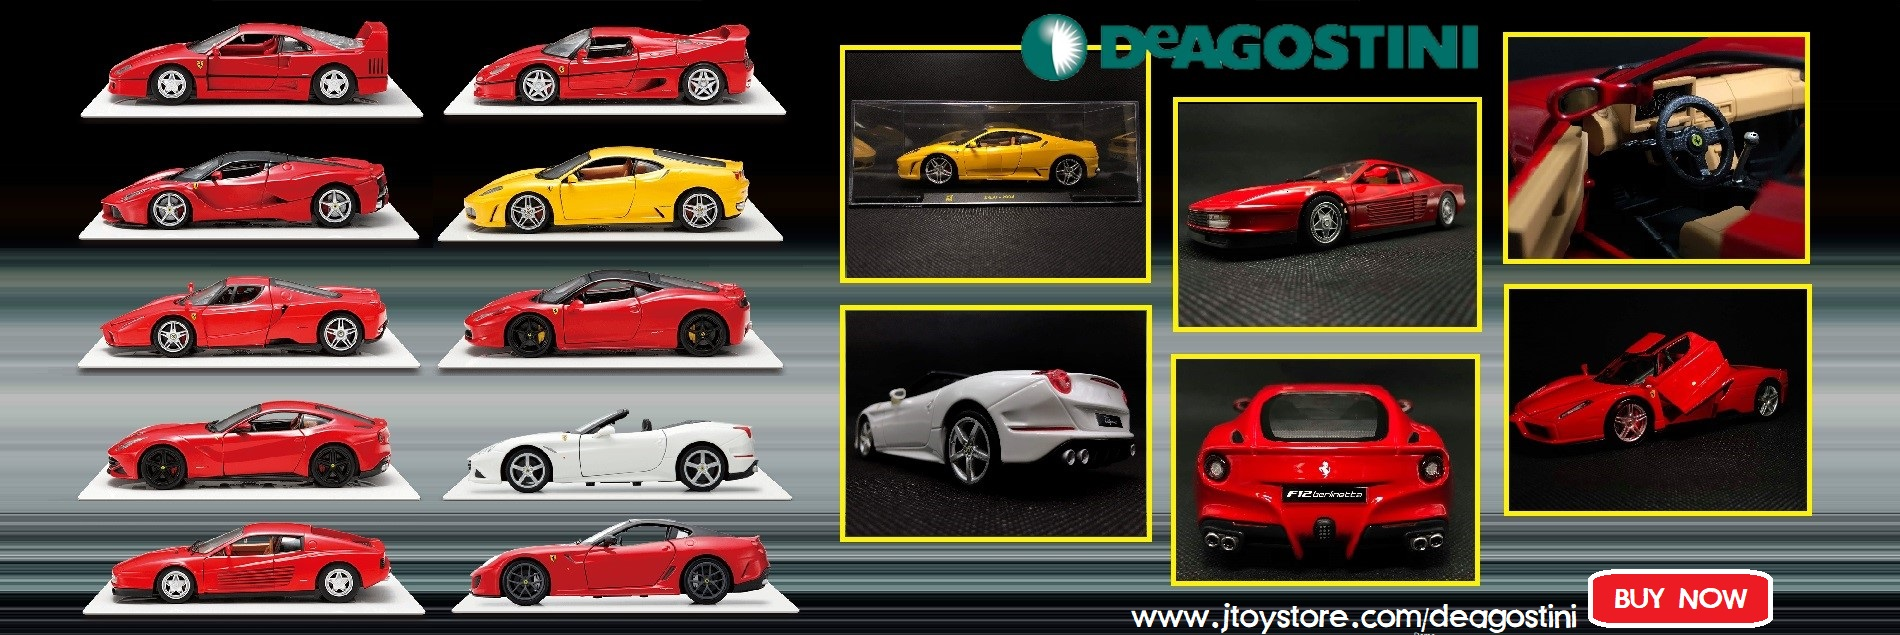 DeAgostini Le Grandi Ferrari Collection Diecast Model Car